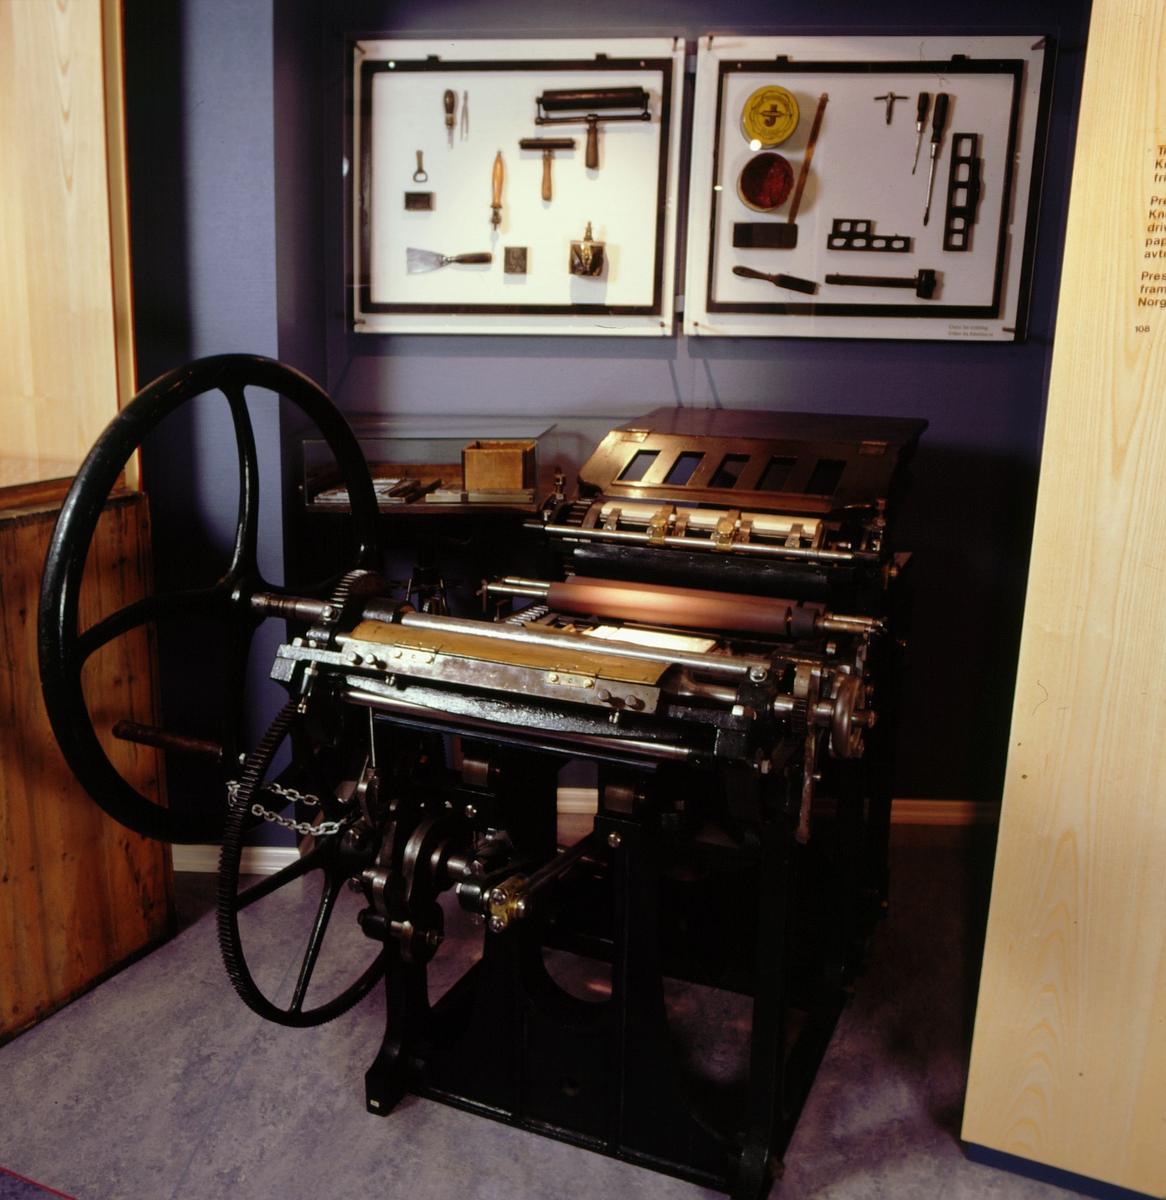 postmuseet, Kirkegata 20, utstilling, frimerkegangen, frimerkepresse, trykkeredskaper